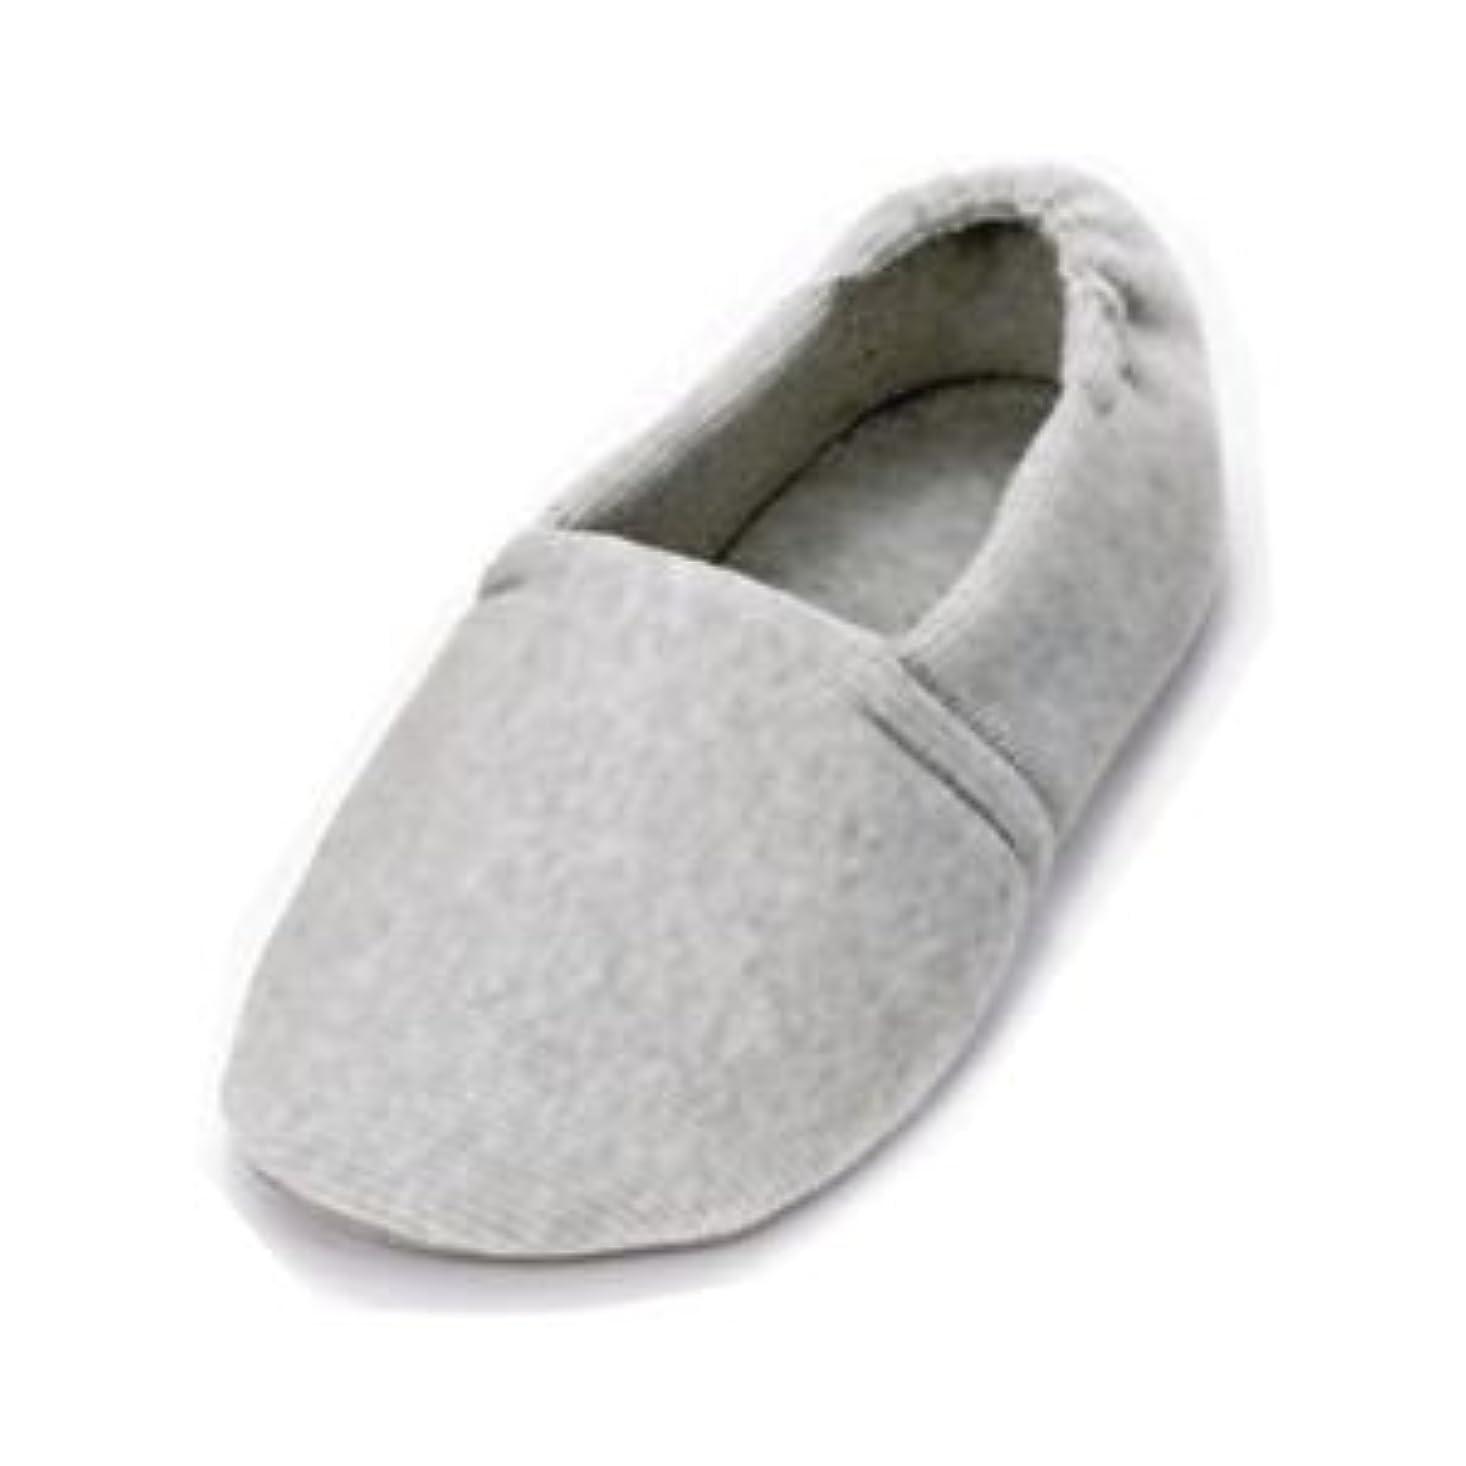 いたずらな極めて重要なギネス介護靴 室内用 エスパドワイド 2704 両足 徳武産業 あゆみシリーズ /S(20.5~21.5cm) グレー